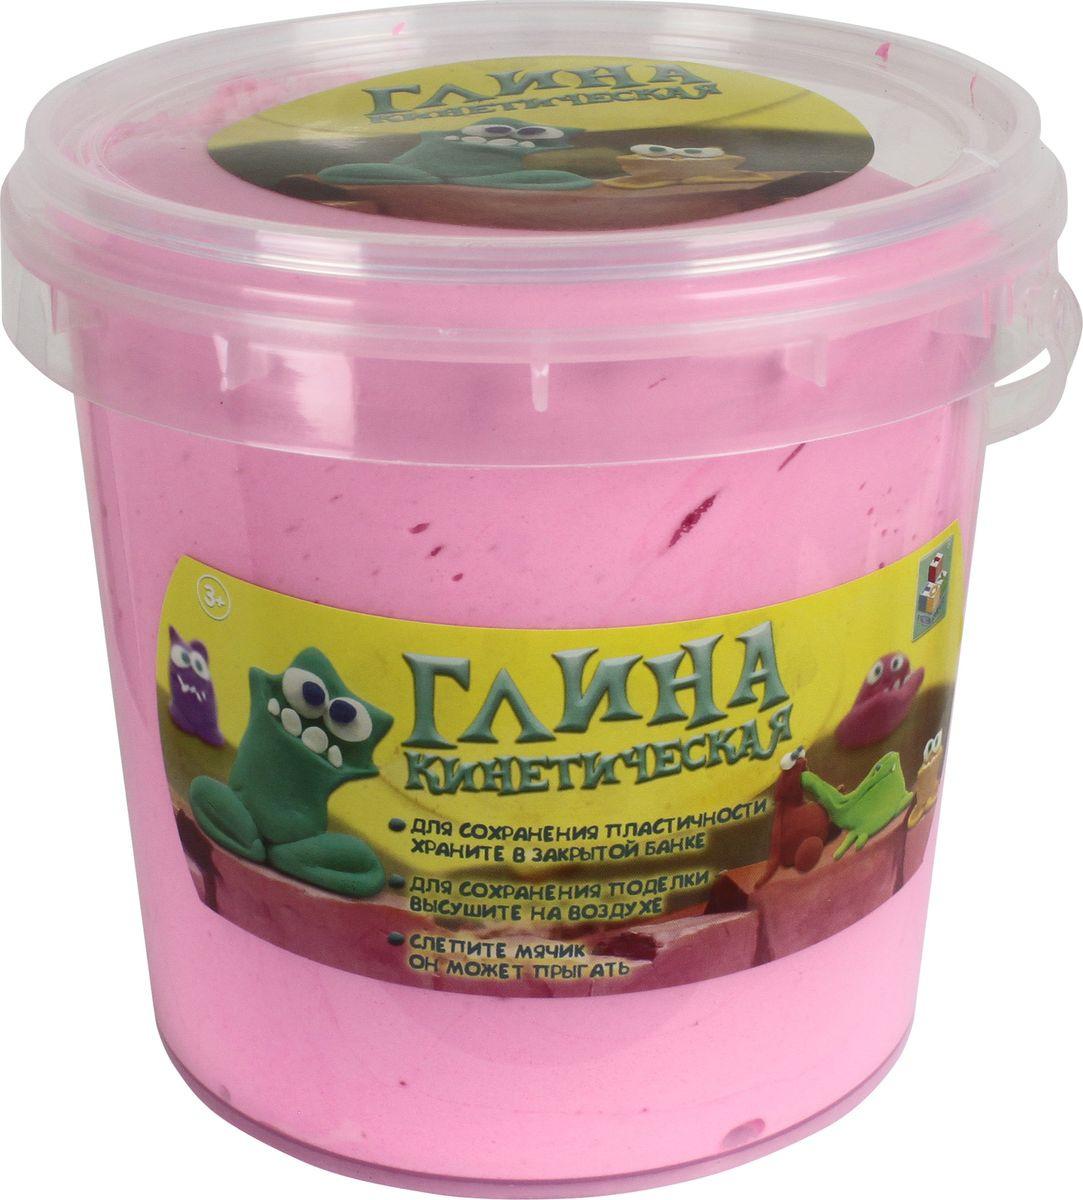 Масса для лепки 1TOY Кинетическая глина, Т11358а, светло-розовый, 200 г кинетическая глина 1toy кинетическая глина синяя 230г т11356